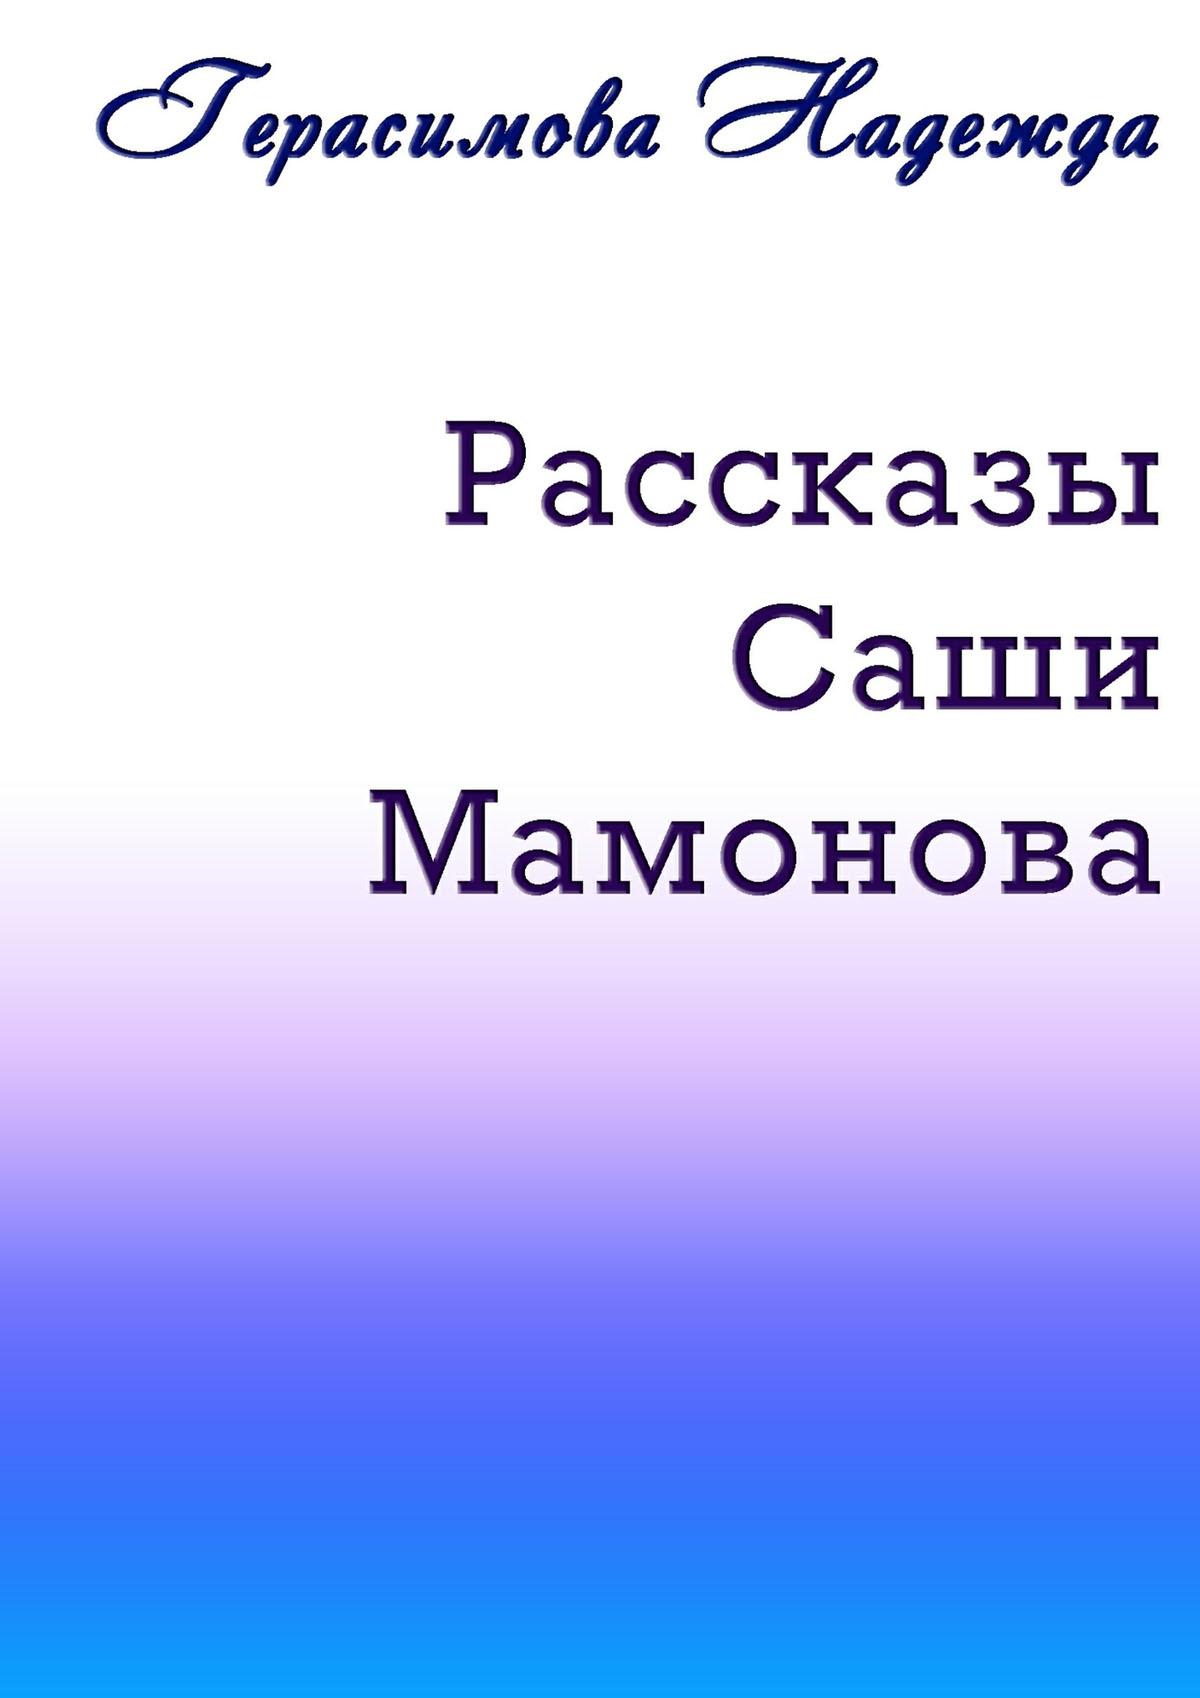 Надежда Герасимова Рассказы Саши Мамонова артём андреевич шишкин смысл жизни то что ты так долго искал а